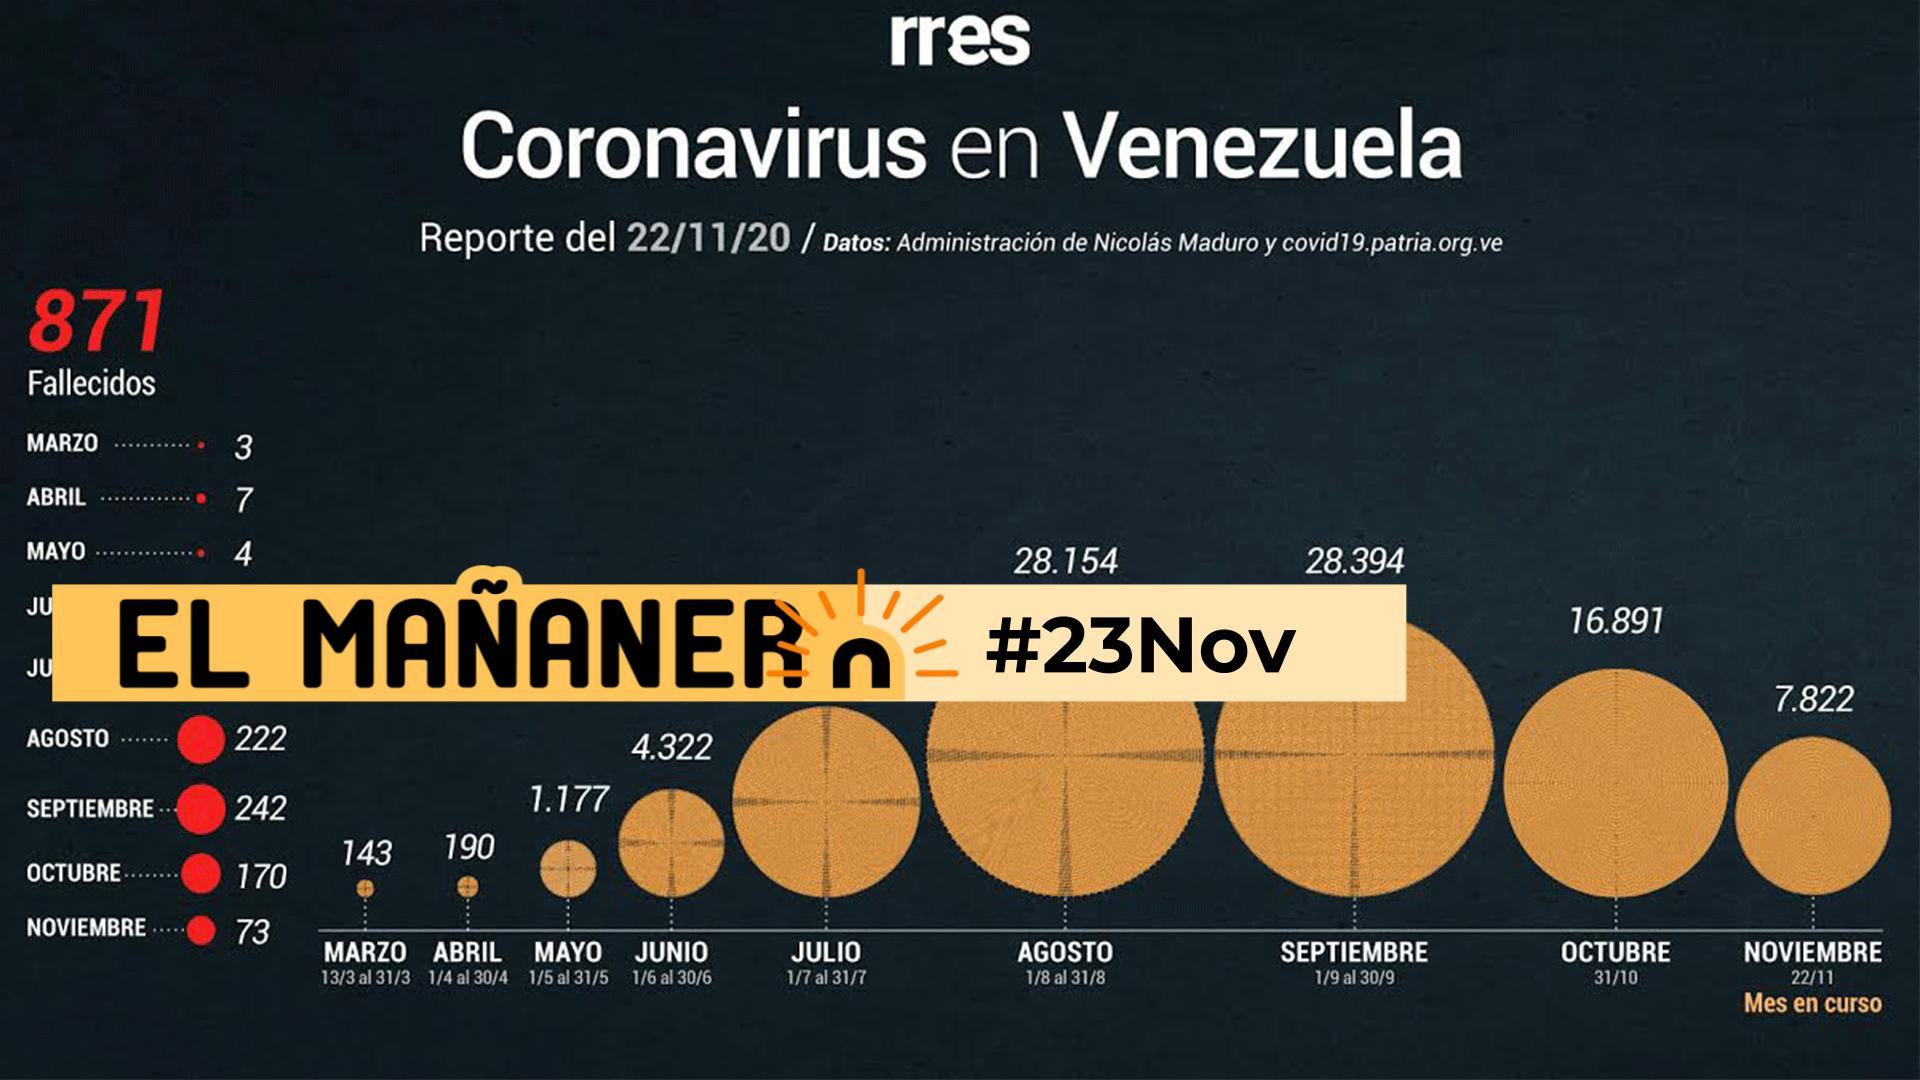 El Mañanero de hoy #23Nov: Las 8 noticias que debes saber